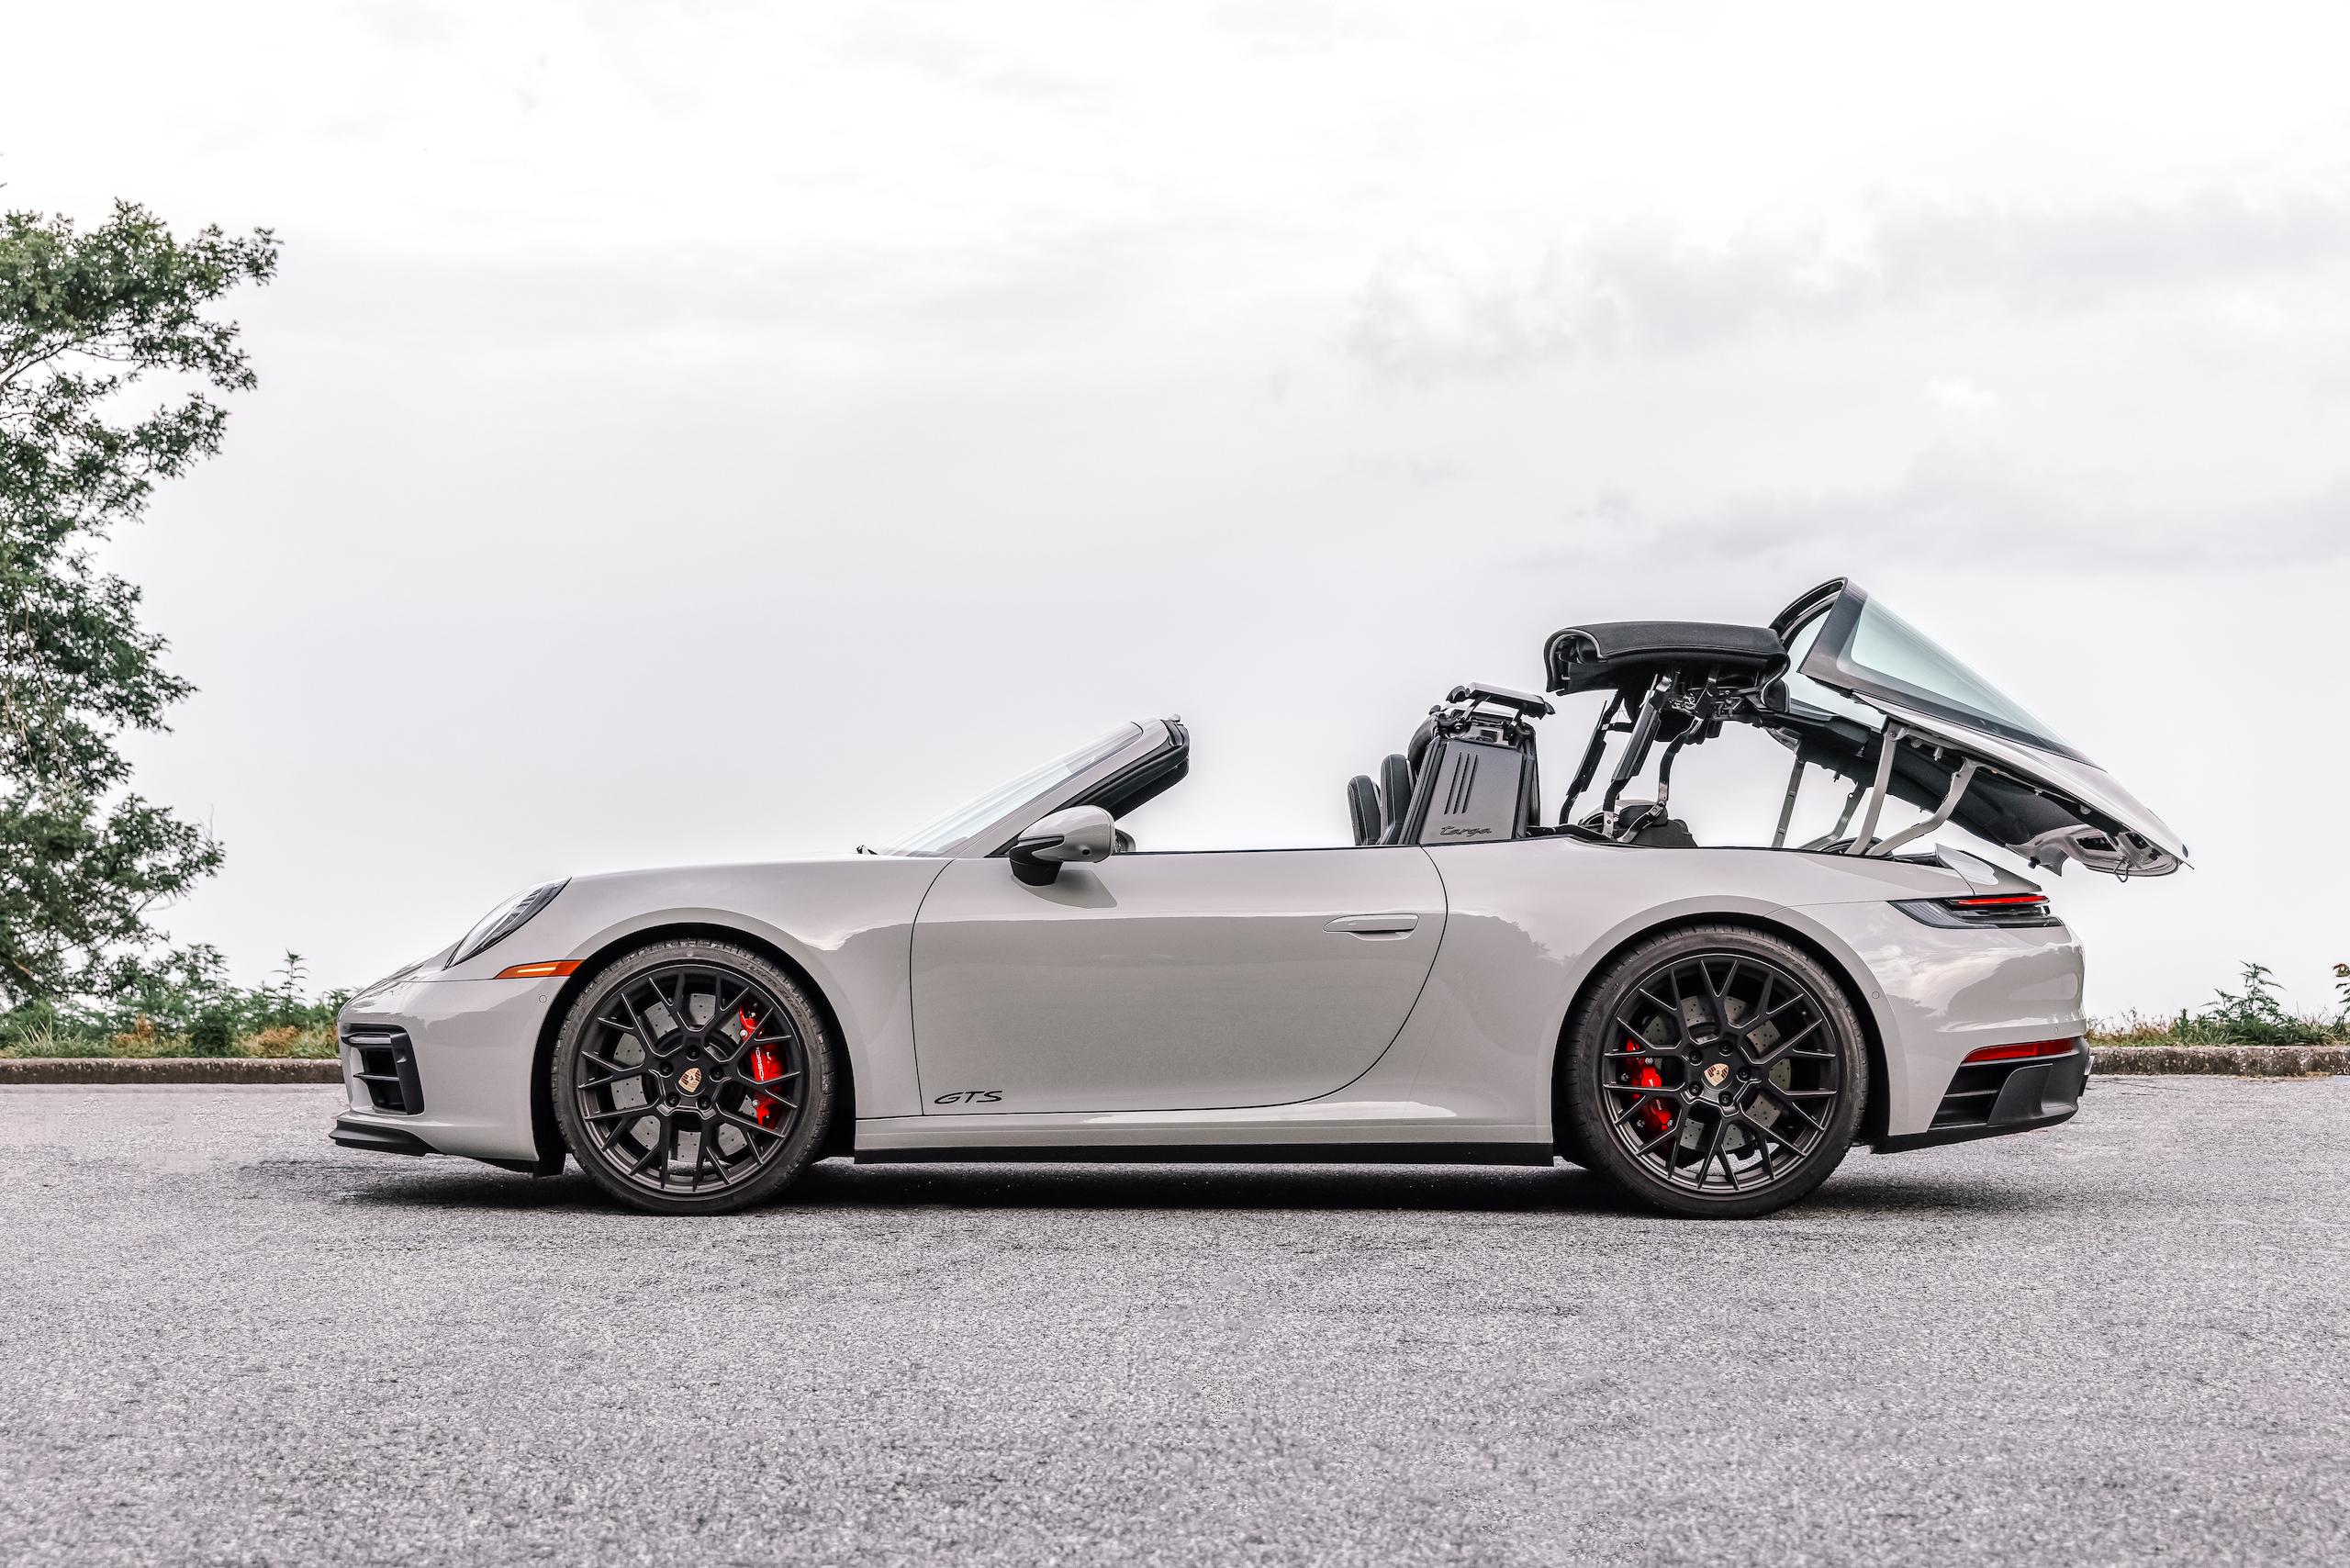 Porsche 911 Targa 4 GTS top action